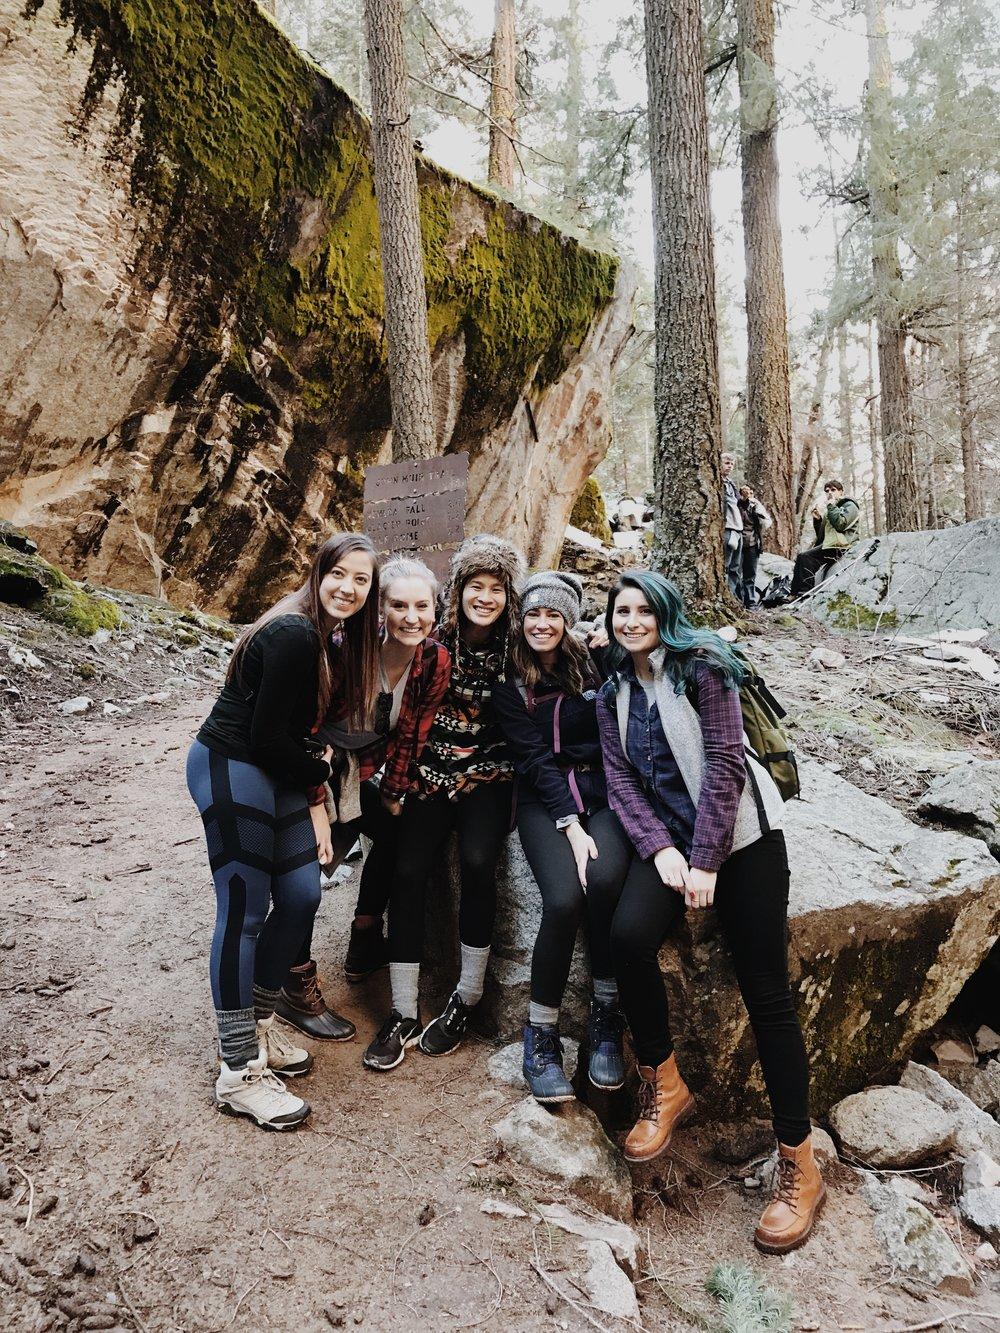 yosemite-national-park-hikers.JPG